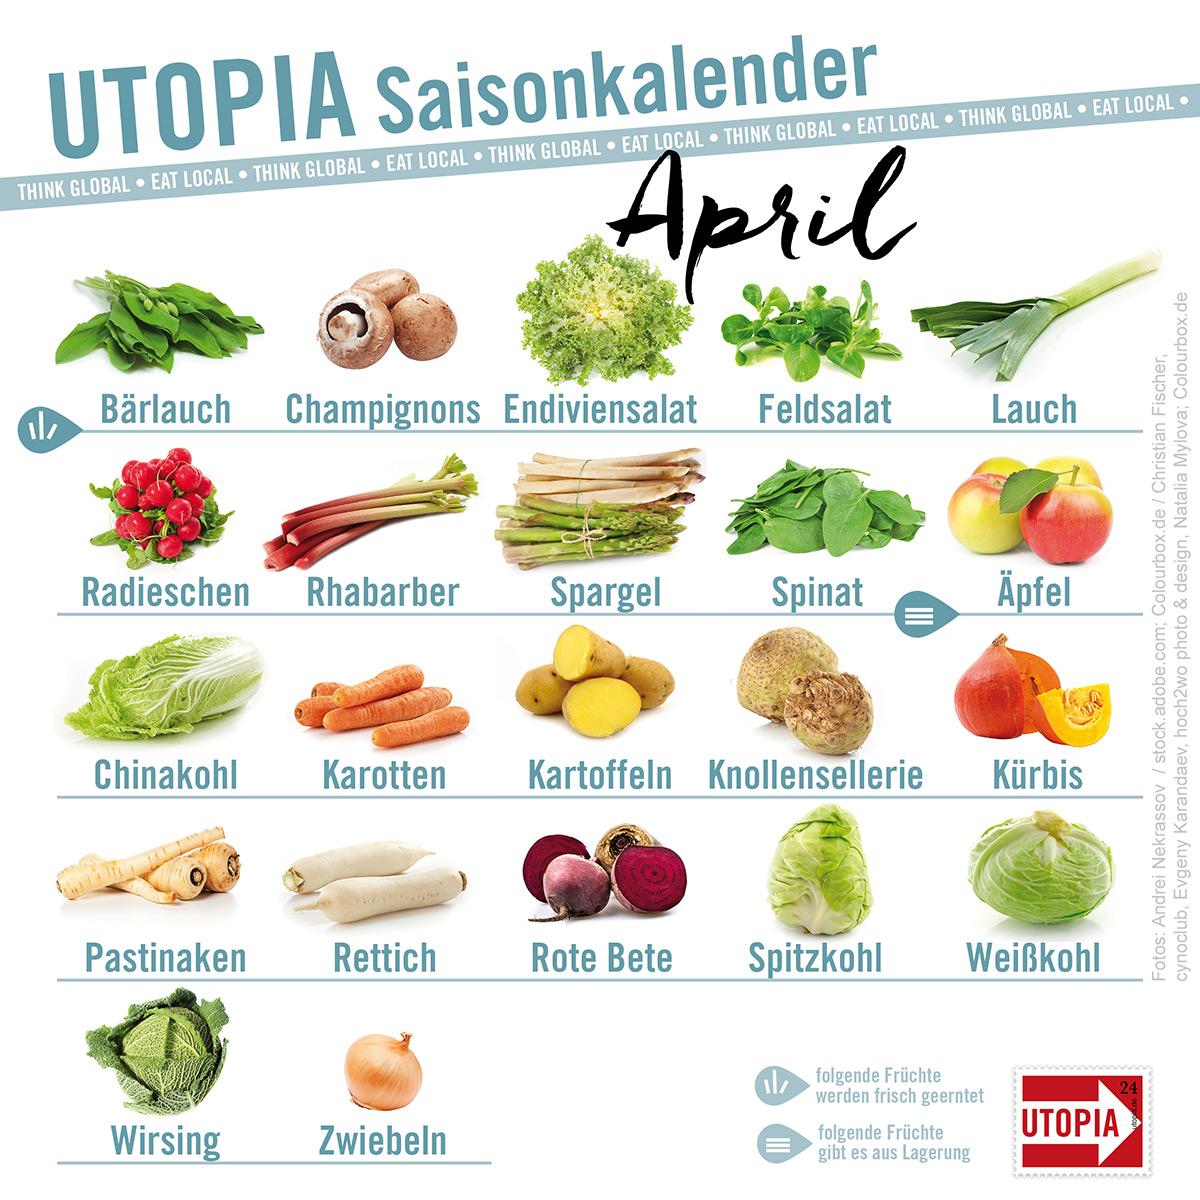 Utopia Saisonkalender April